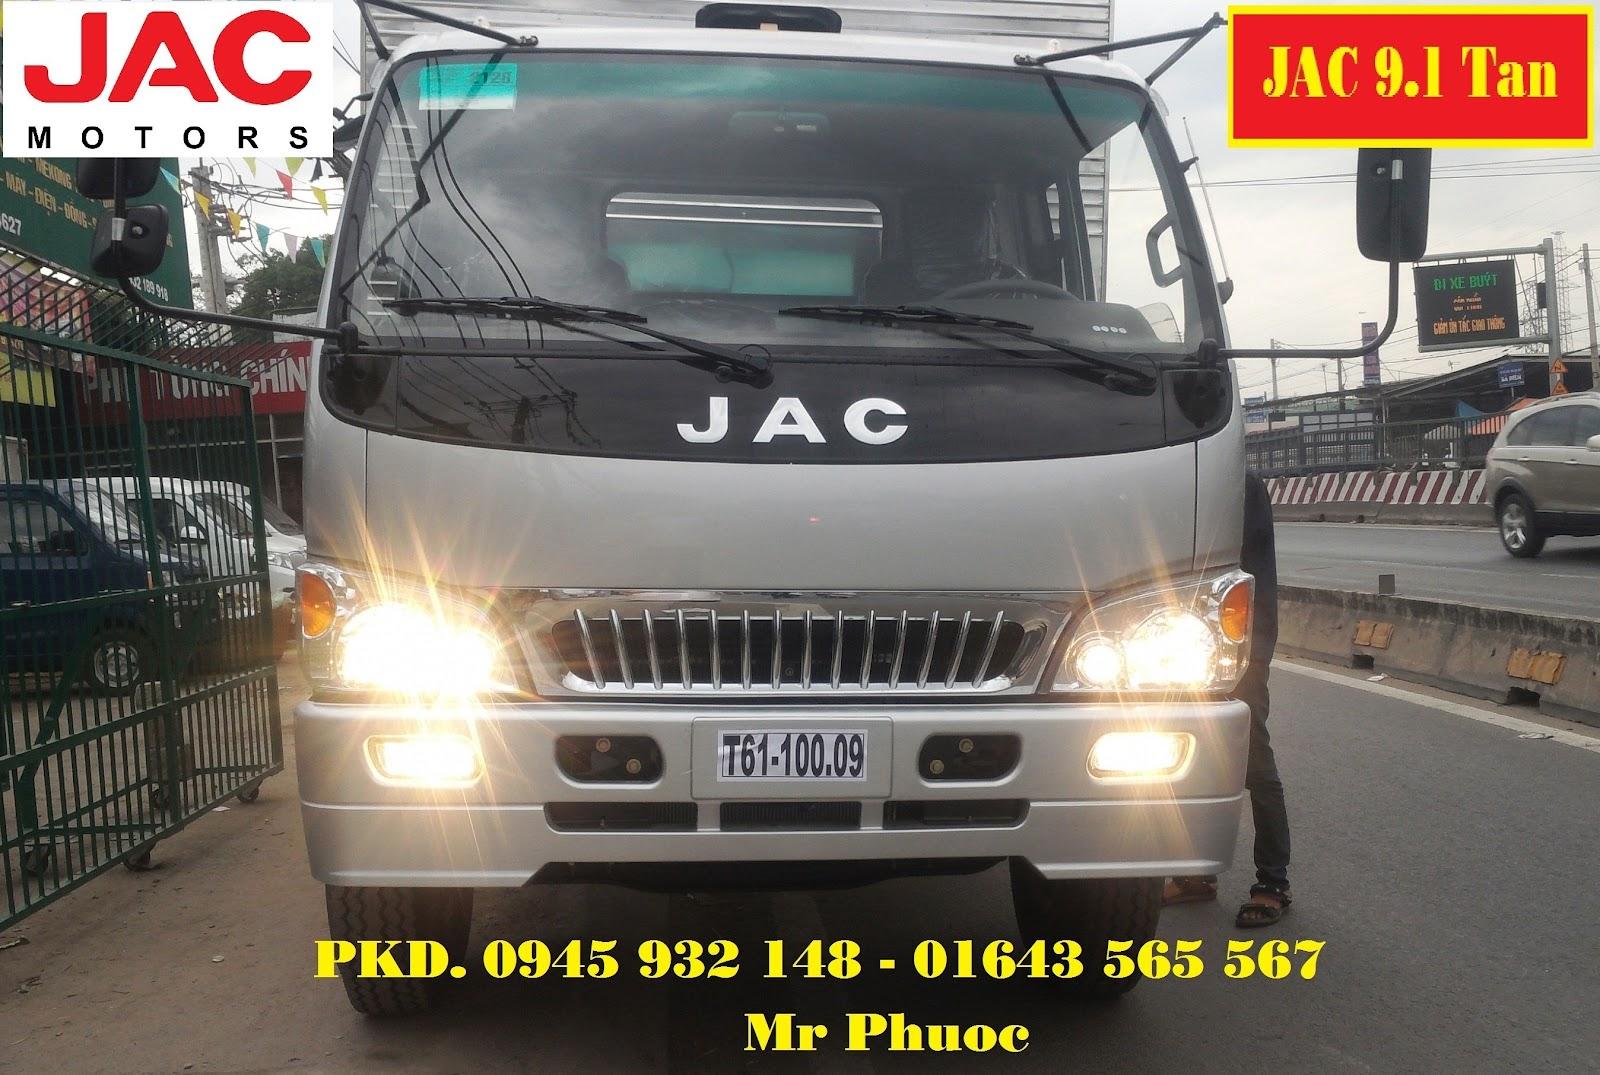 xe JAC 91 tan xe tai JAC 9T1 ban xe tai JAC 91 tan mui bat mua xe tai JAC 9 tan 1